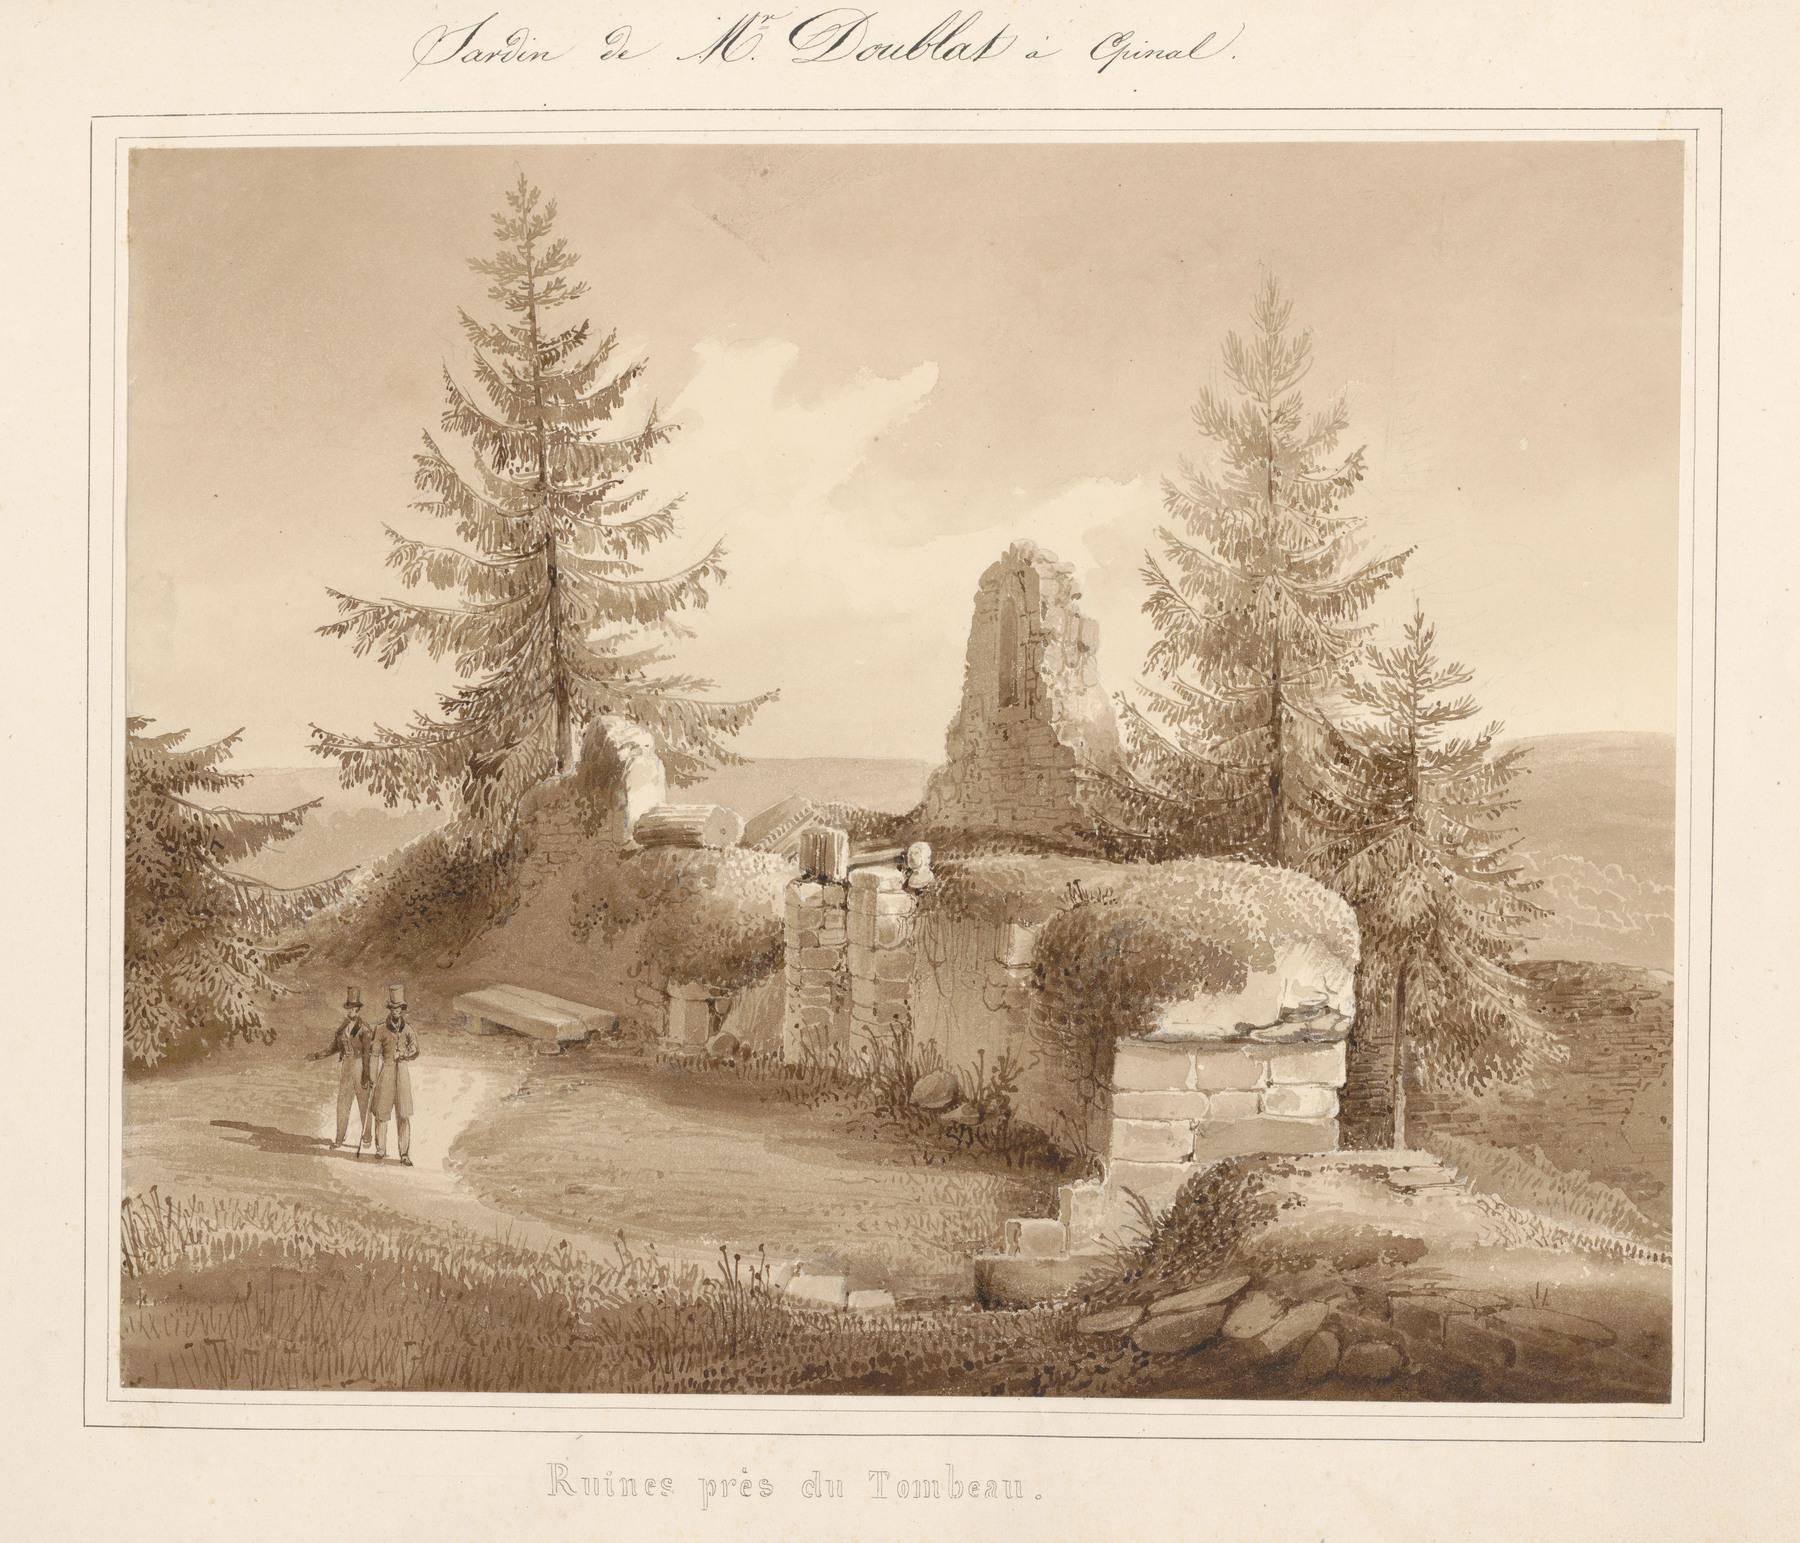 Contenu du Le château d'Epinal : Ruines près du tombeau